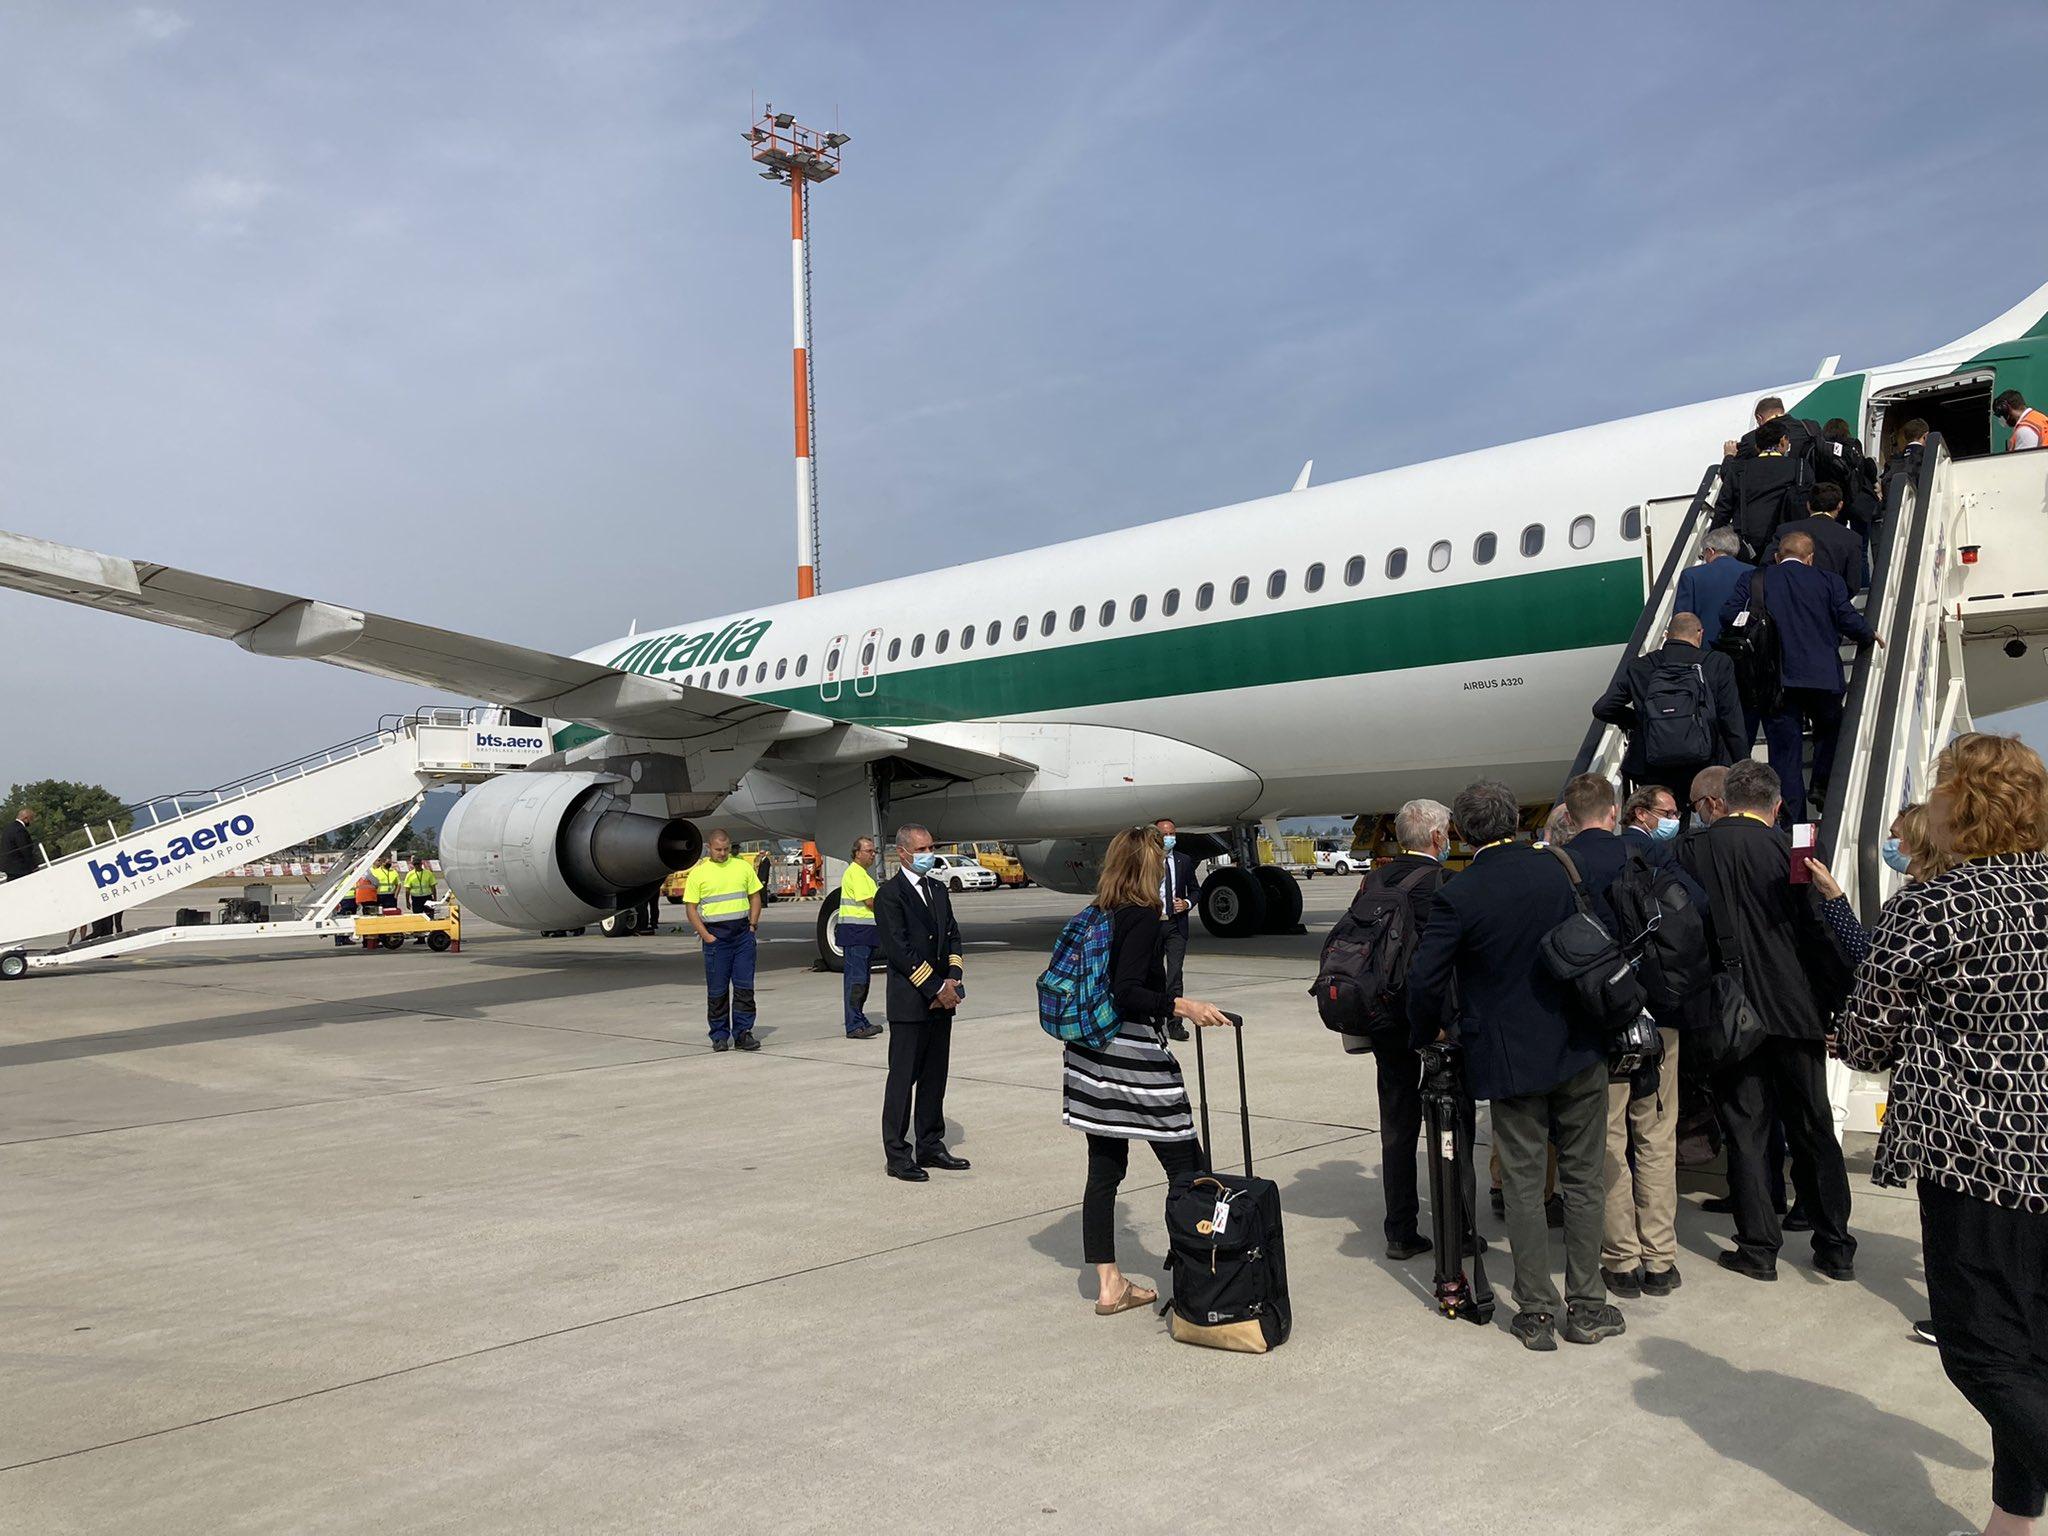 Retour du Pape à Rome et dernier voyage sur Alitalia